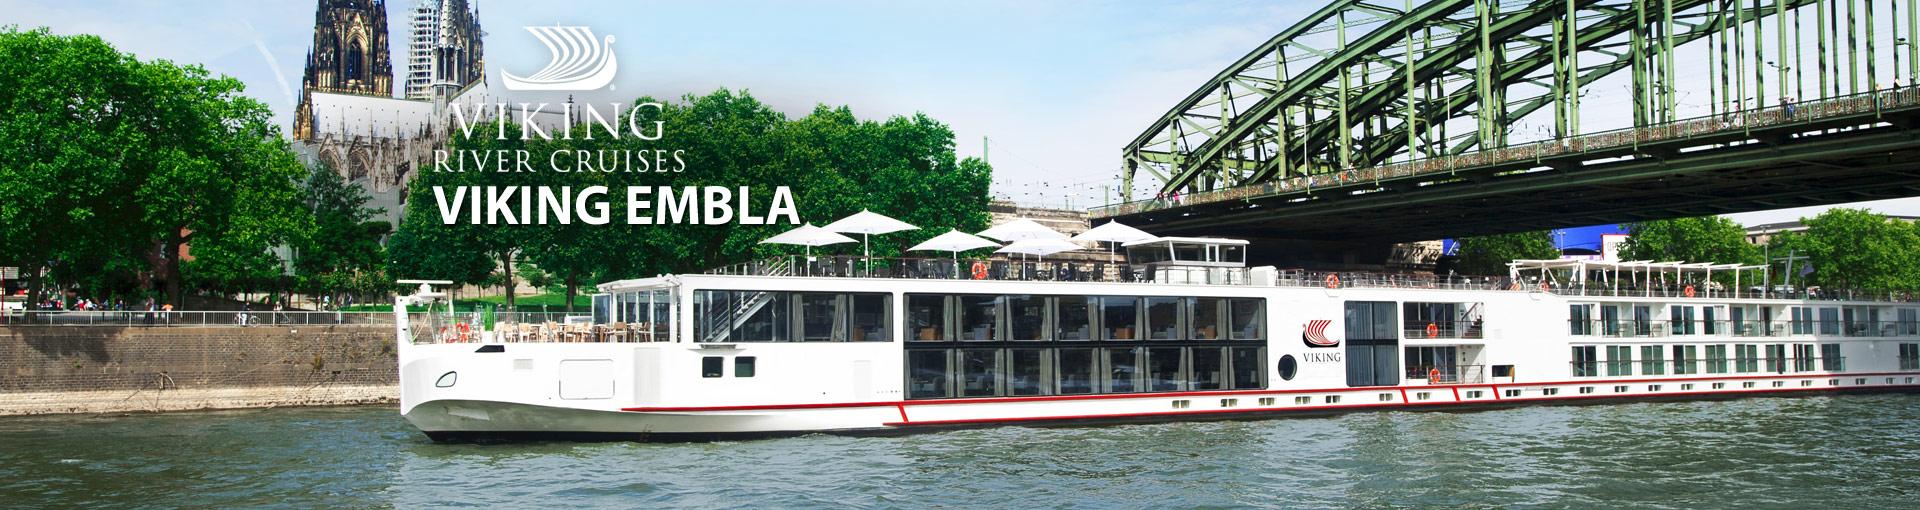 Viking Rivers Viking Embla river cruise ship